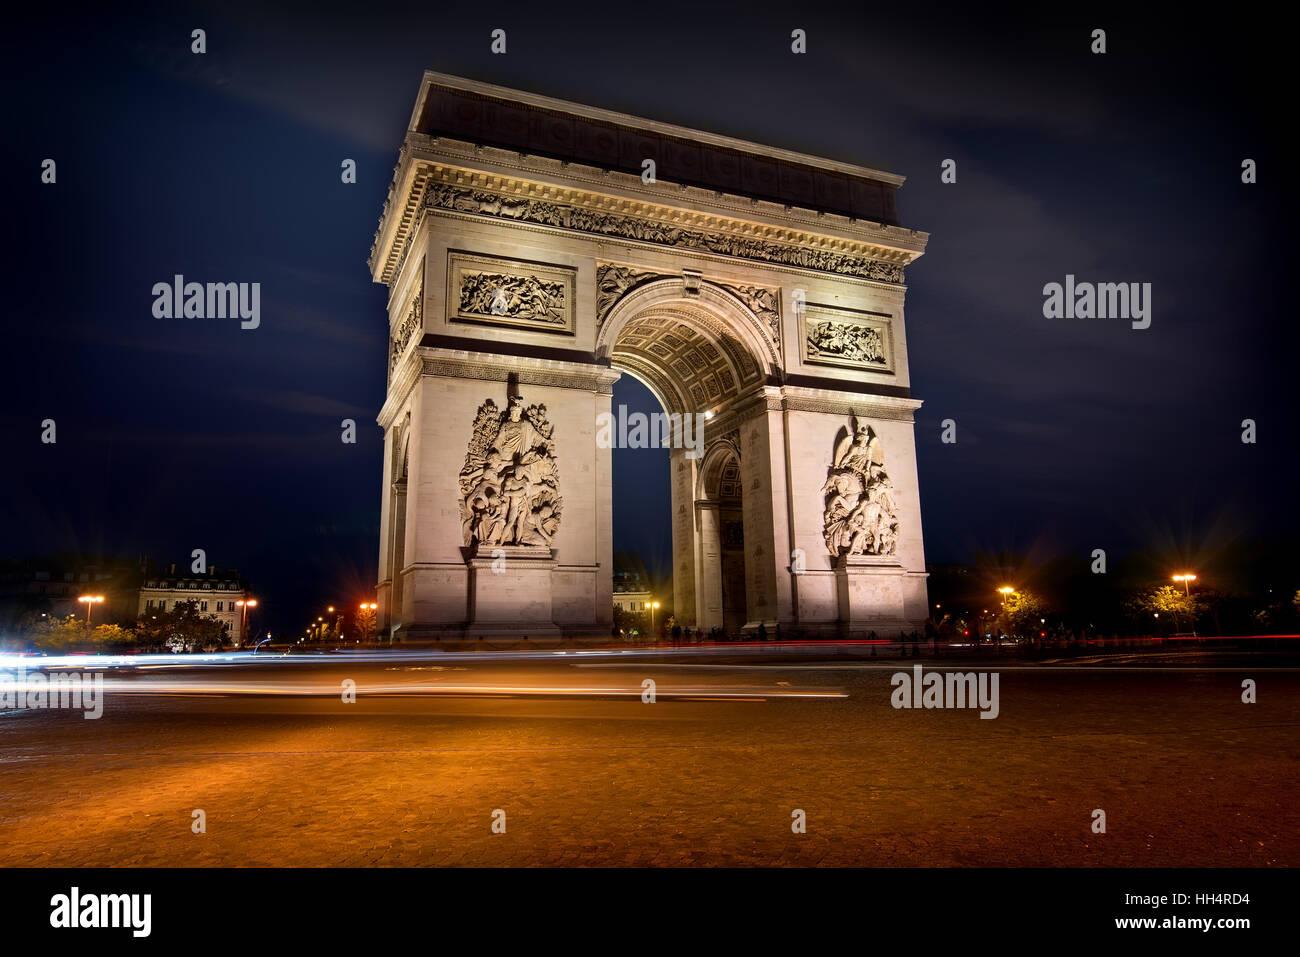 Beleuchtete Arc de Triomphe in Paris, Frankreich Stockbild